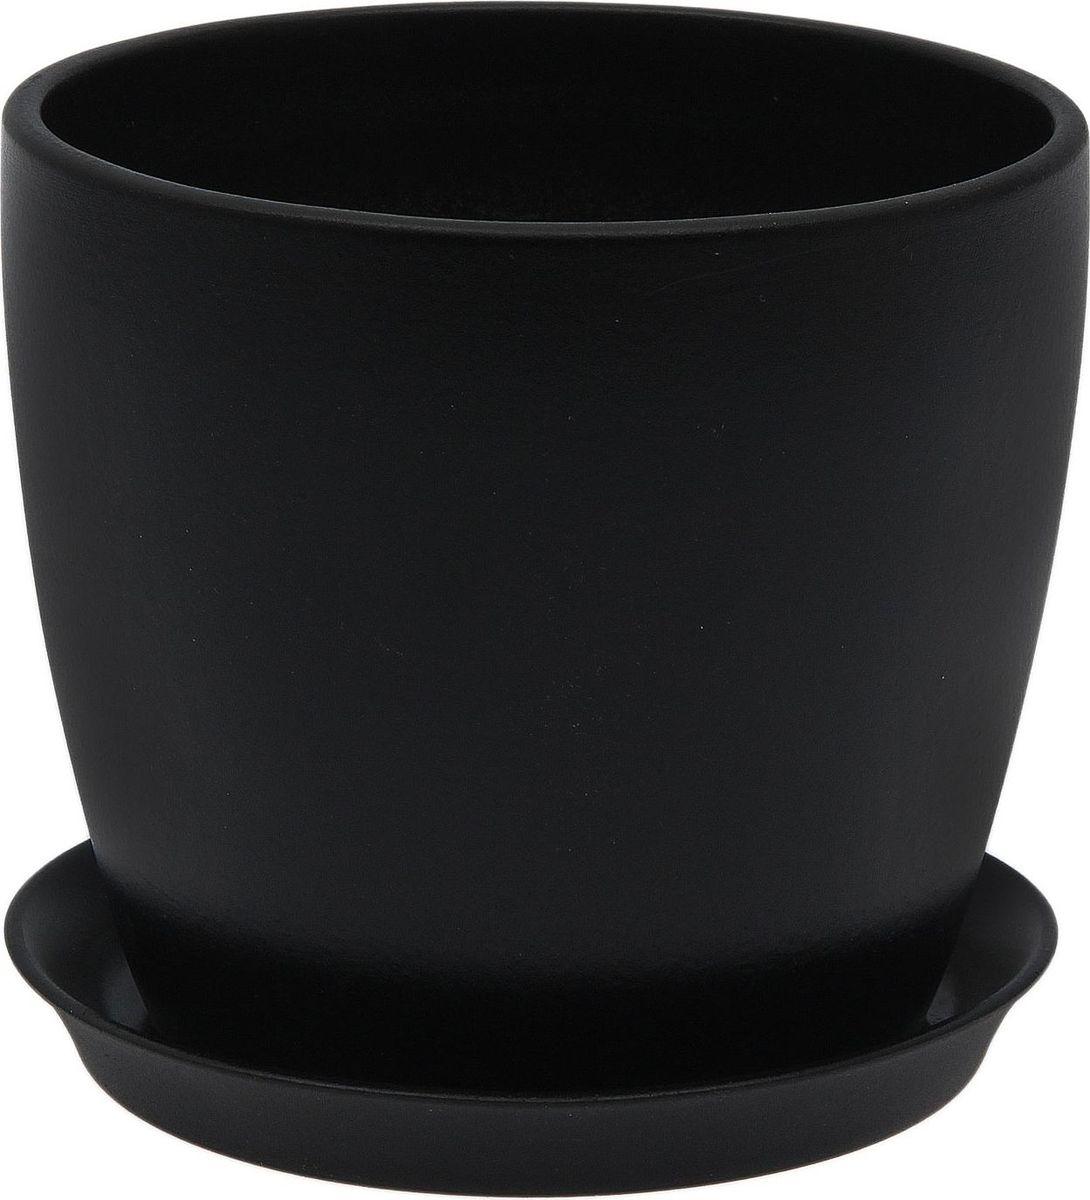 Кашпо Керамика ручной работы Осень. Лак, цвет: черный, 250 мл1968857Комнатные растения — всеобщие любимцы. Они радуют глаз, насыщают помещение кислородом и украшают пространство. Каждому из них необходим свой удобный и красивый дом. Кашпо из керамики прекрасно подходят для высадки растений: за счет пластичности глины и разных способов обработки существует великое множество форм и дизайнов пористый материал позволяет испаряться лишней влаге воздух, необходимый для дыхания корней, проникает сквозь керамические стенки! позаботится о зеленом питомце, освежит интерьер и подчеркнет его стиль.